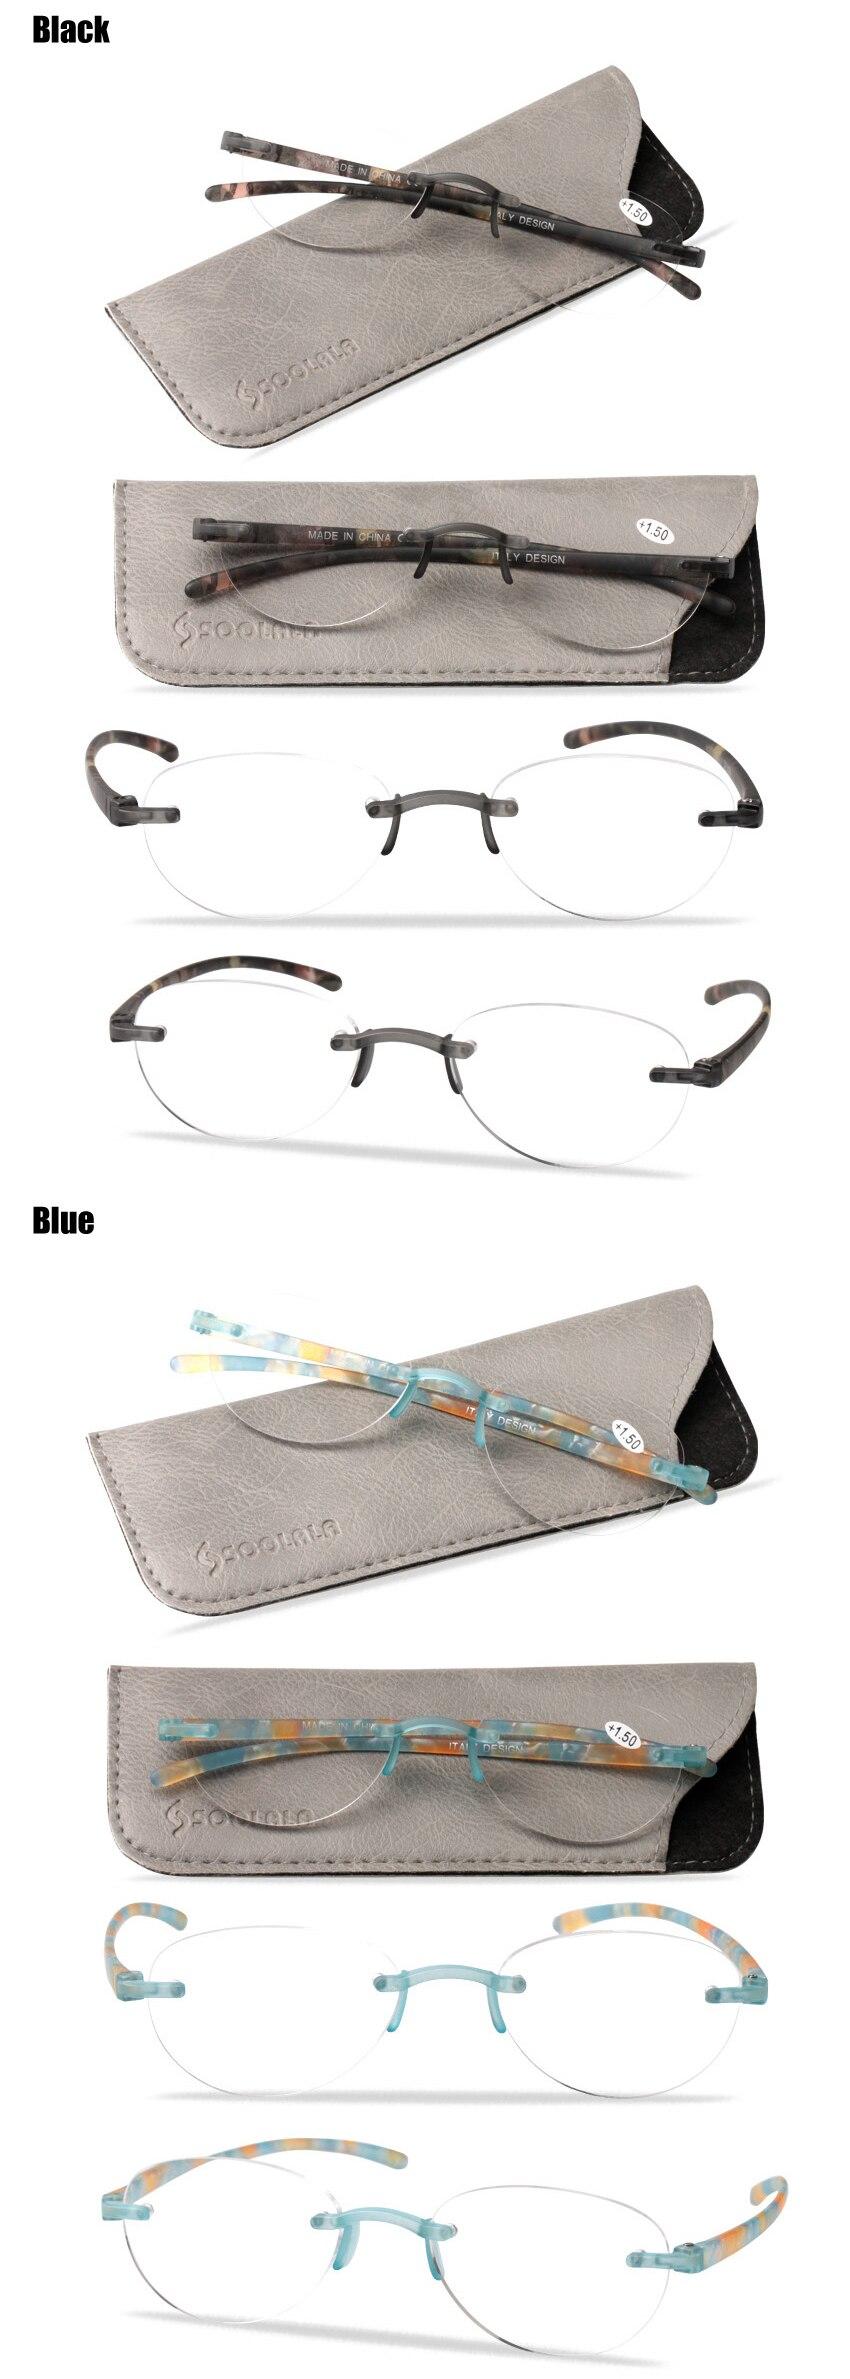 9f20c4d5ba23b SOOLALA Cateye Olho de Gato Das Mulheres Dos Homens Óculos de Leitura Única  Escada Braço Presbiopia Hipermetropia Óculos Leitor + 0.5 0.75 1.0 para  4.0USD ...